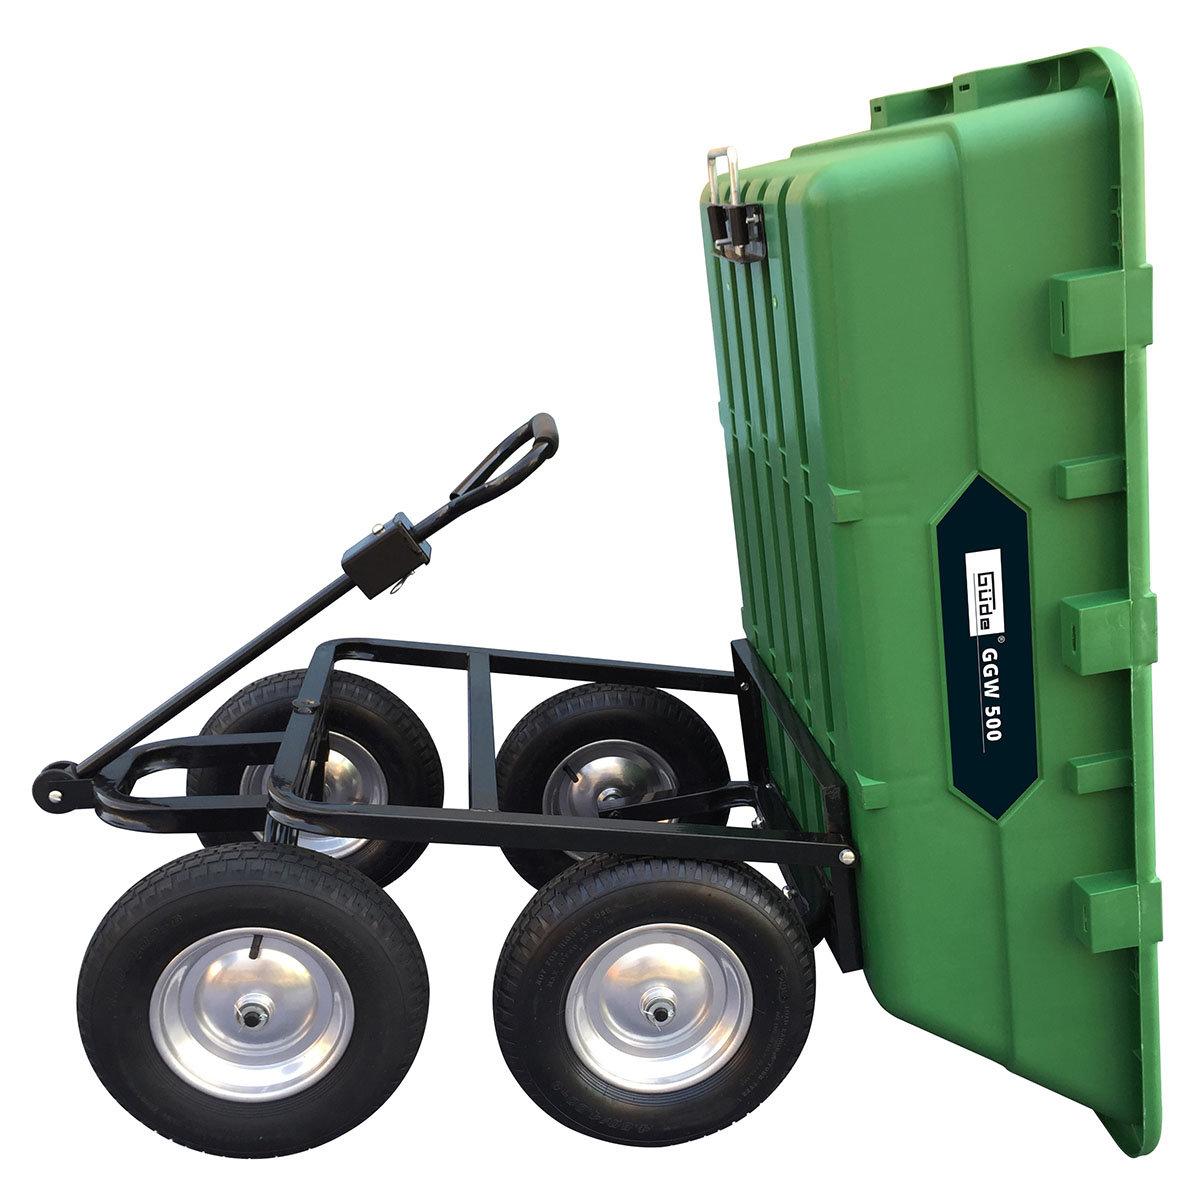 Gartenwagen GGW 500 mit Kippfunktion, ca. 225 Liter | #2